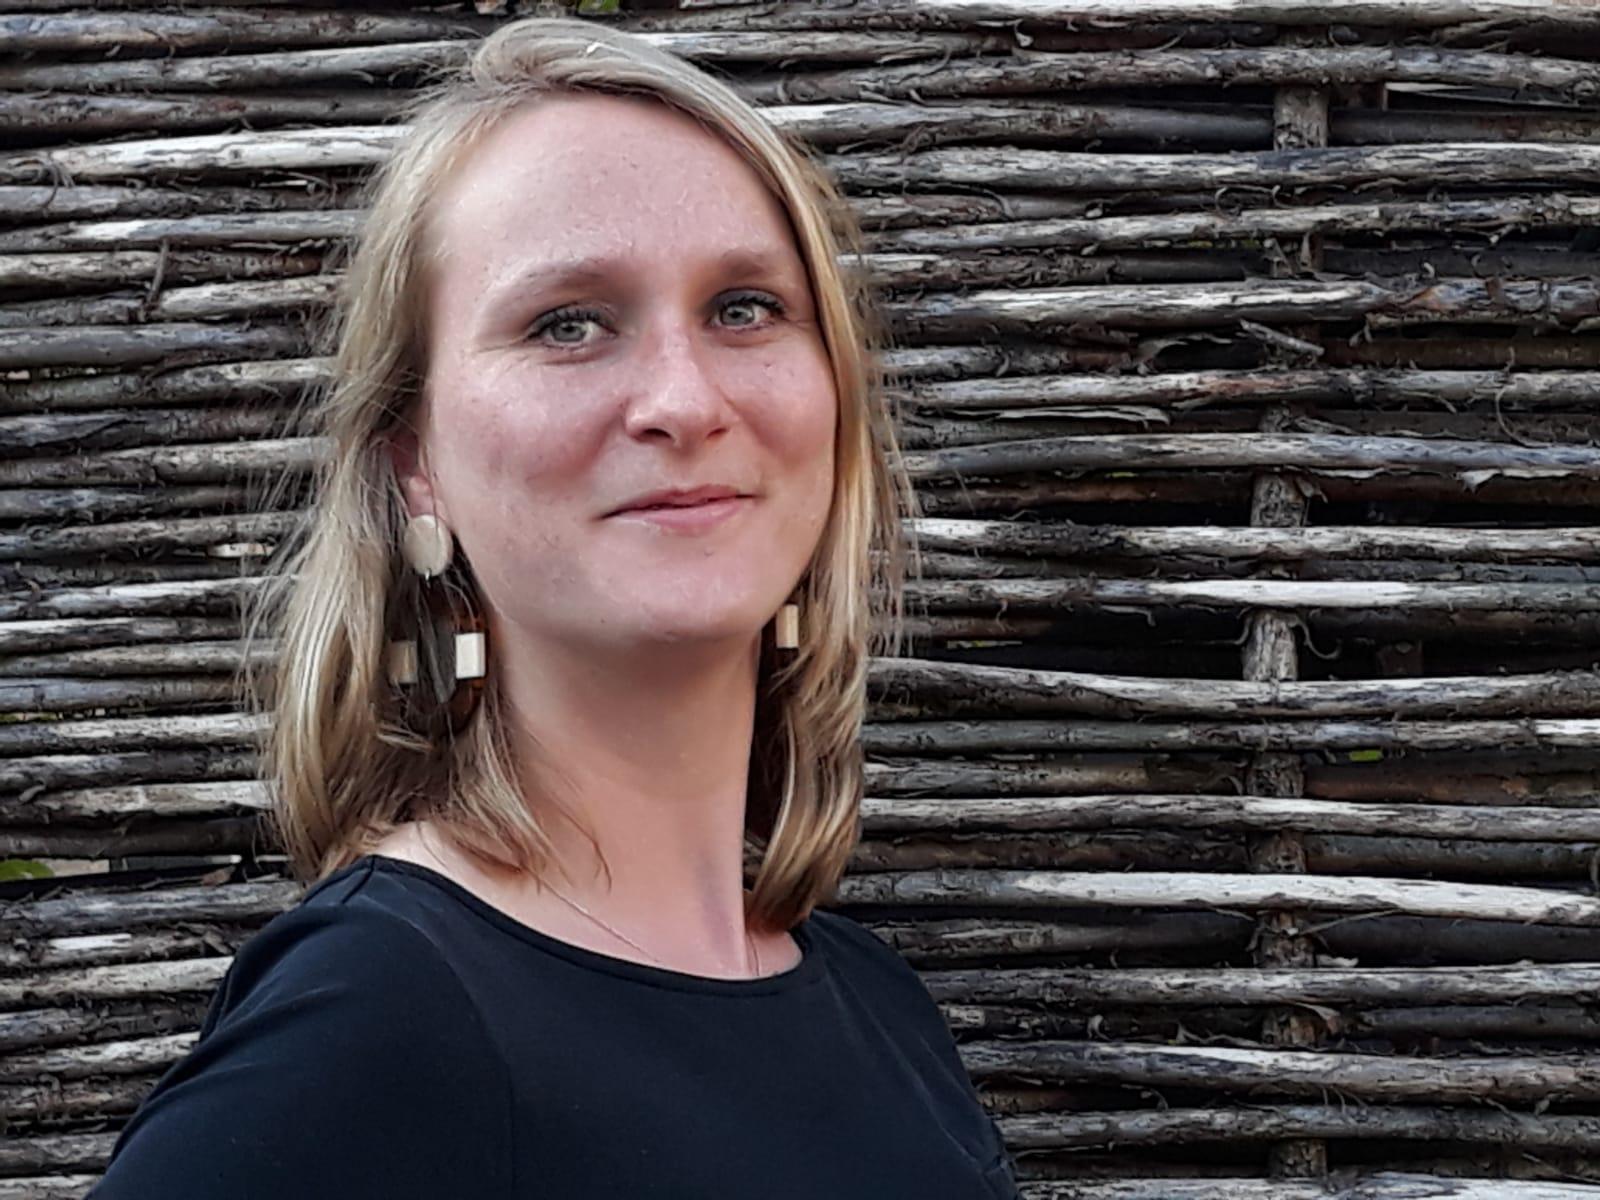 Diëtist Bussum de leefstijlcoach en diëtist in Naarden Bussum